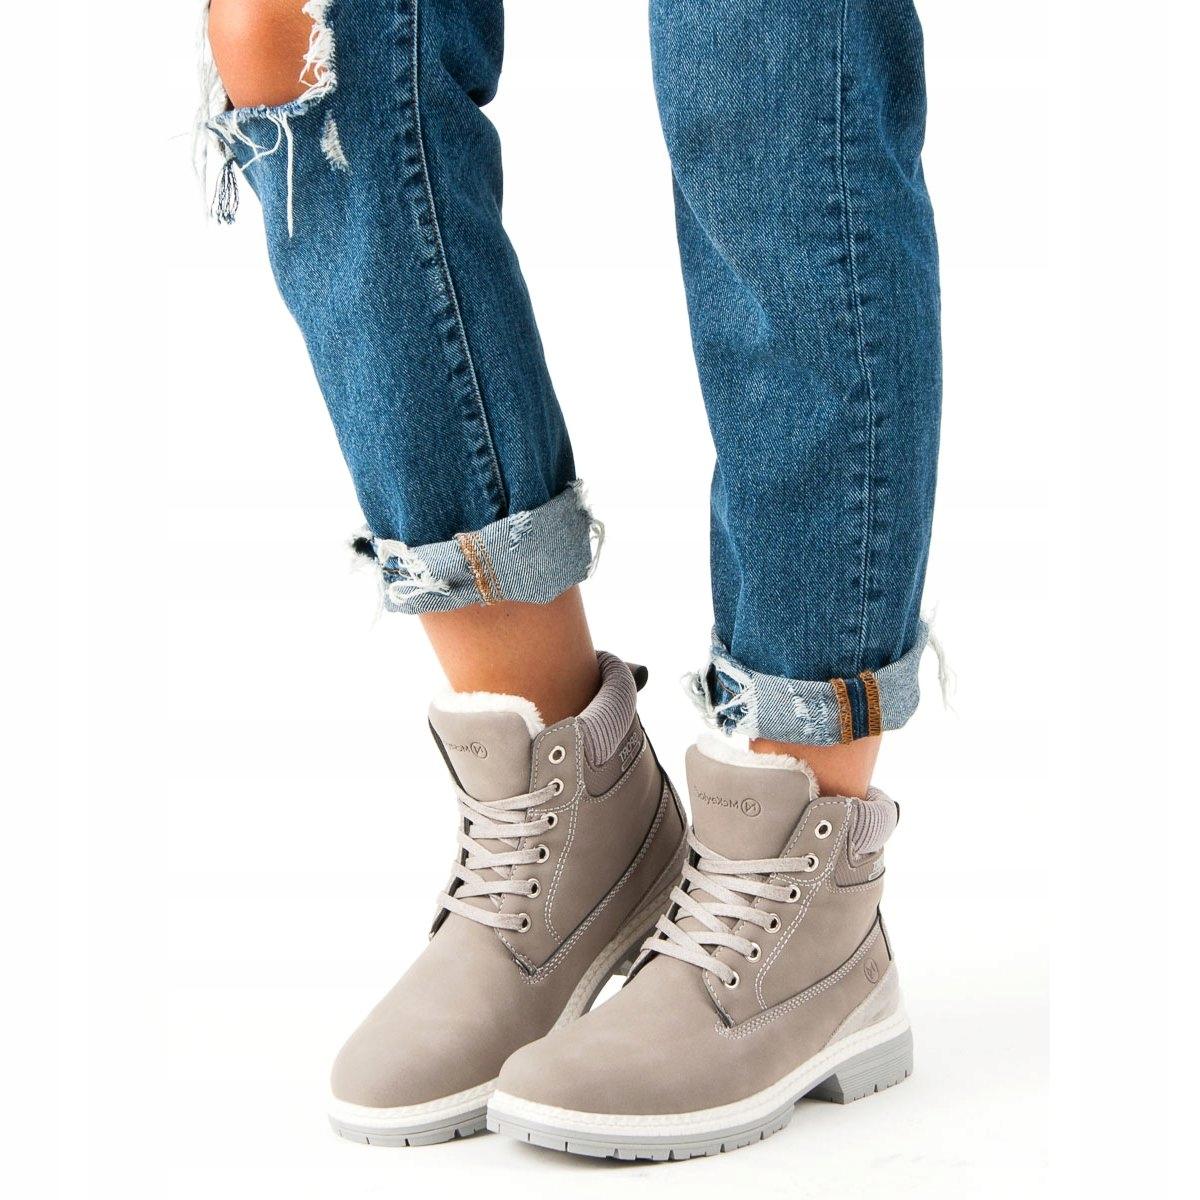 Szare botki wsuwane zamsz buty damskie 100 917 41